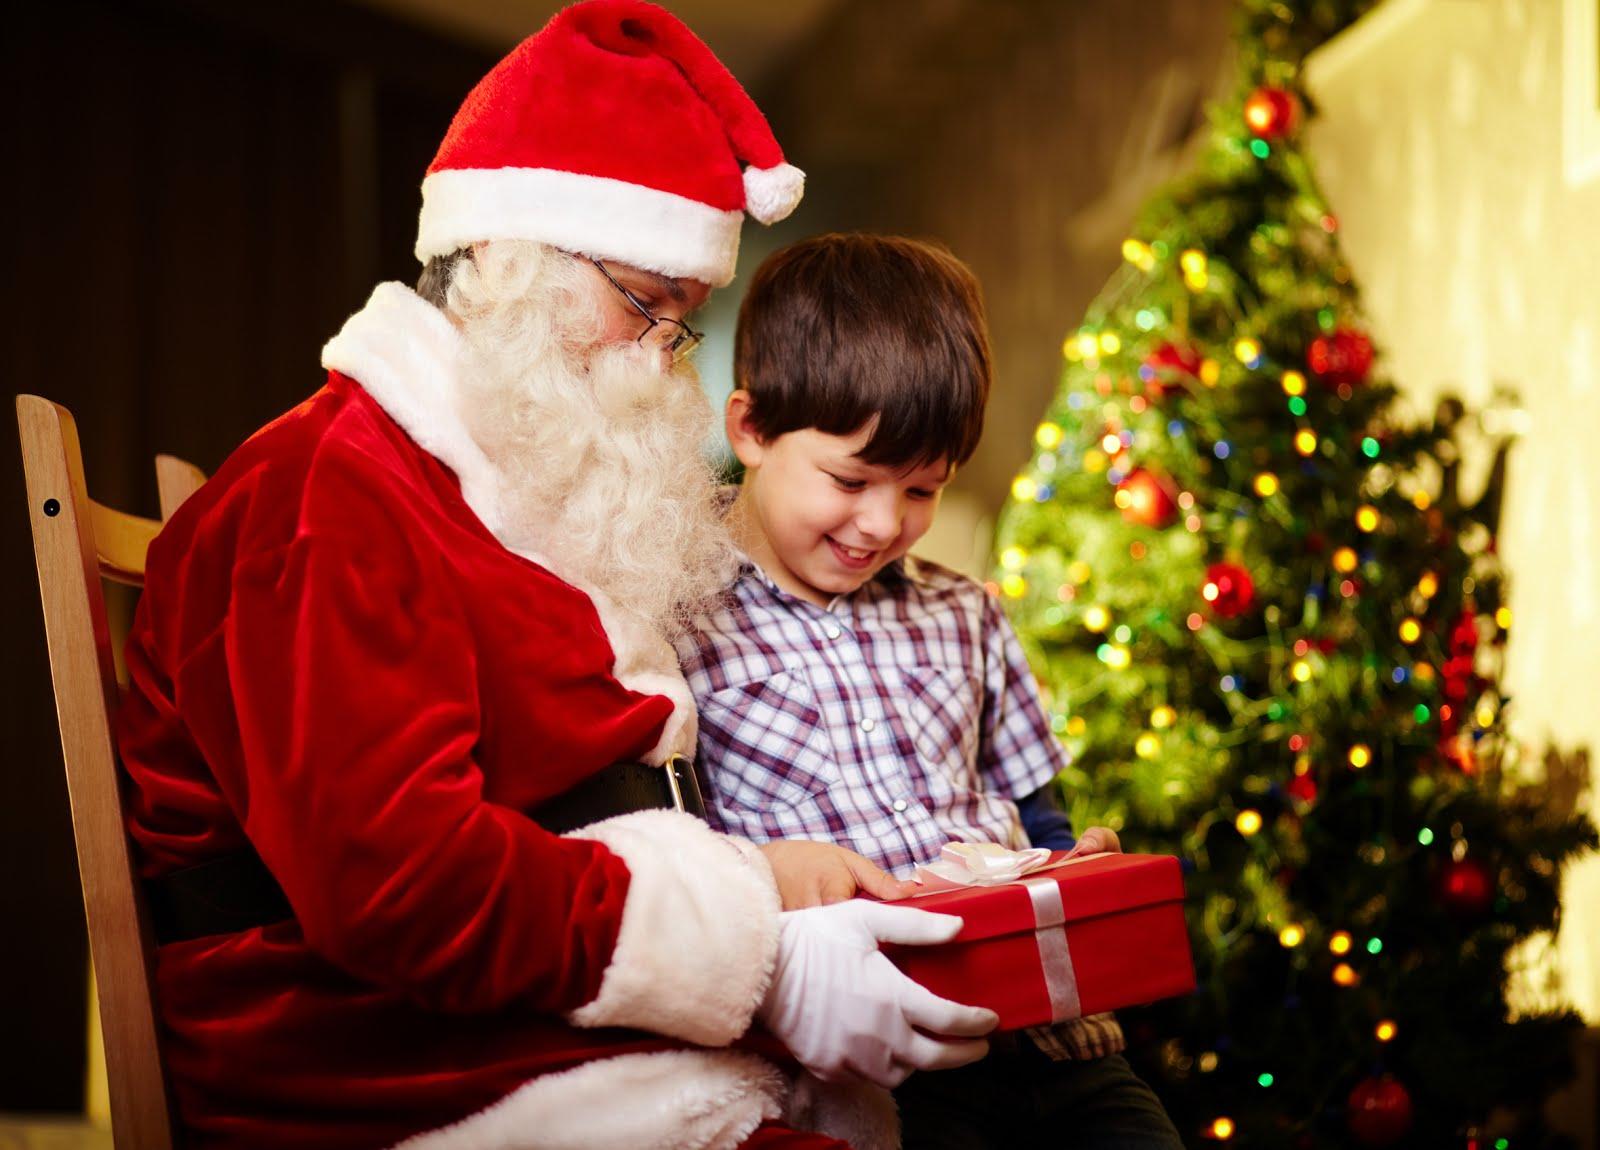 El eterno inconforme qu regalar en navidad a los ni os - Regalos padres navidad ...